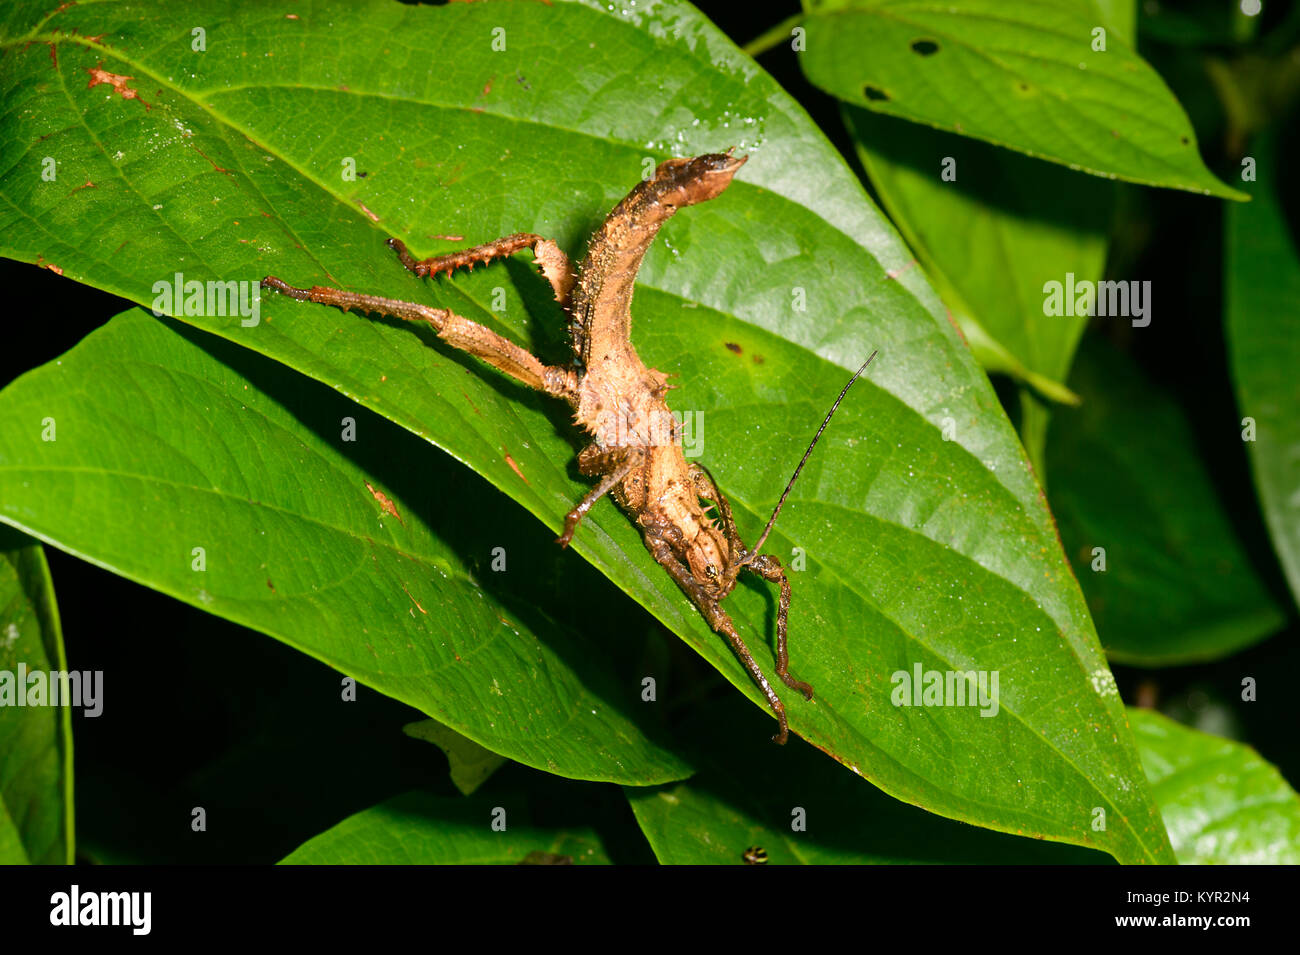 Close-up d'un Phasme épineux (Aretaon asperrimus) en position de menace, Tabin, Bornéo, Sabah, Malaisie Photo Stock